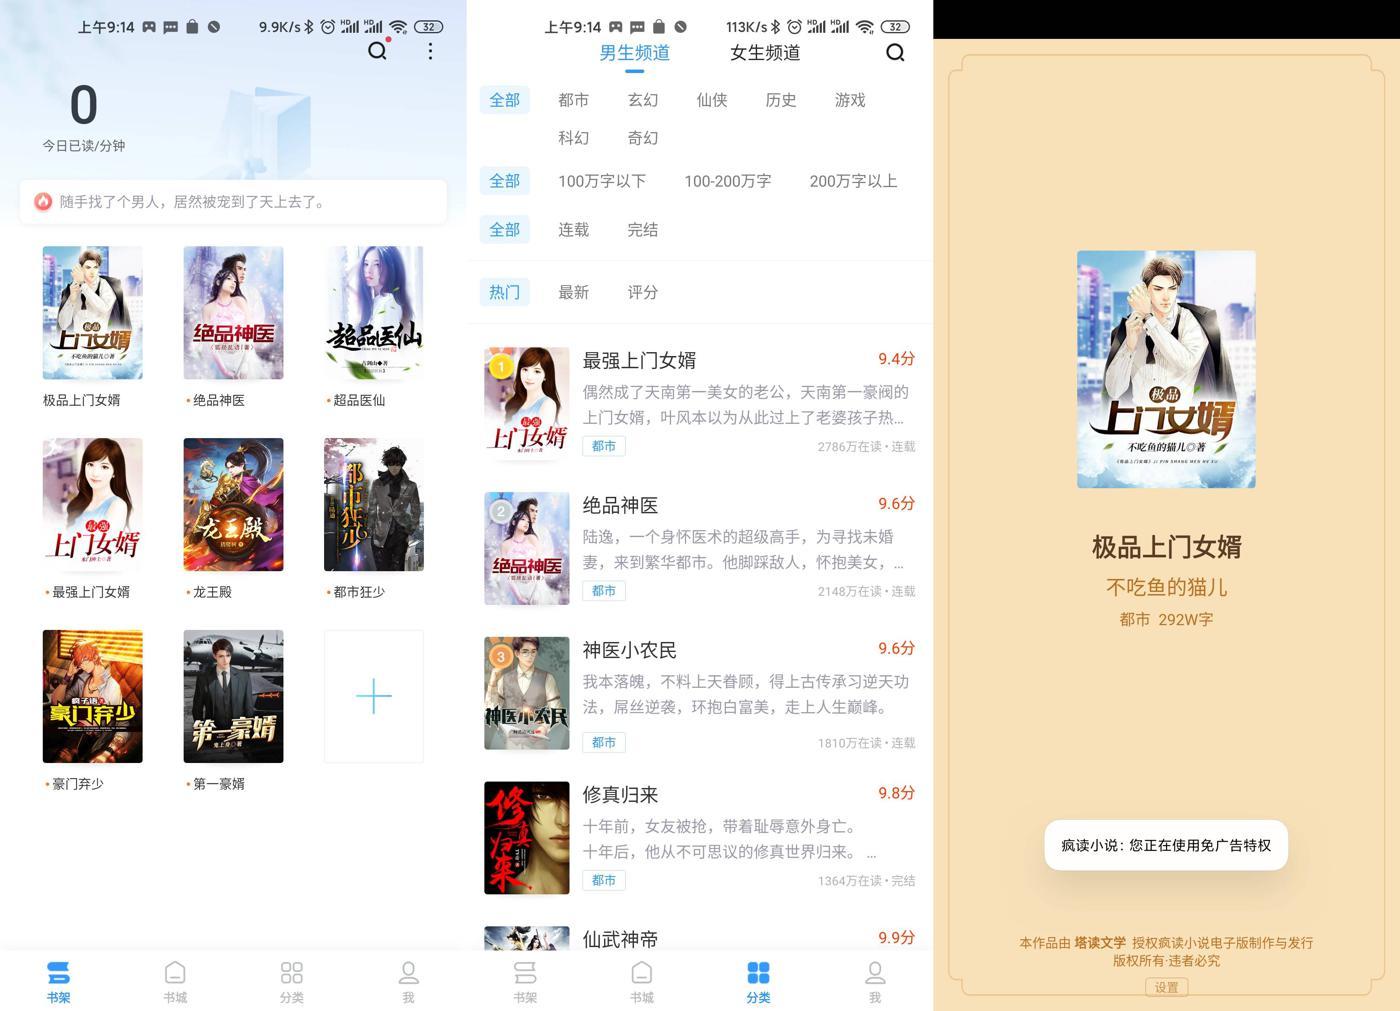 安卓疯读小说v1.1.3.3绿化版-云奇网